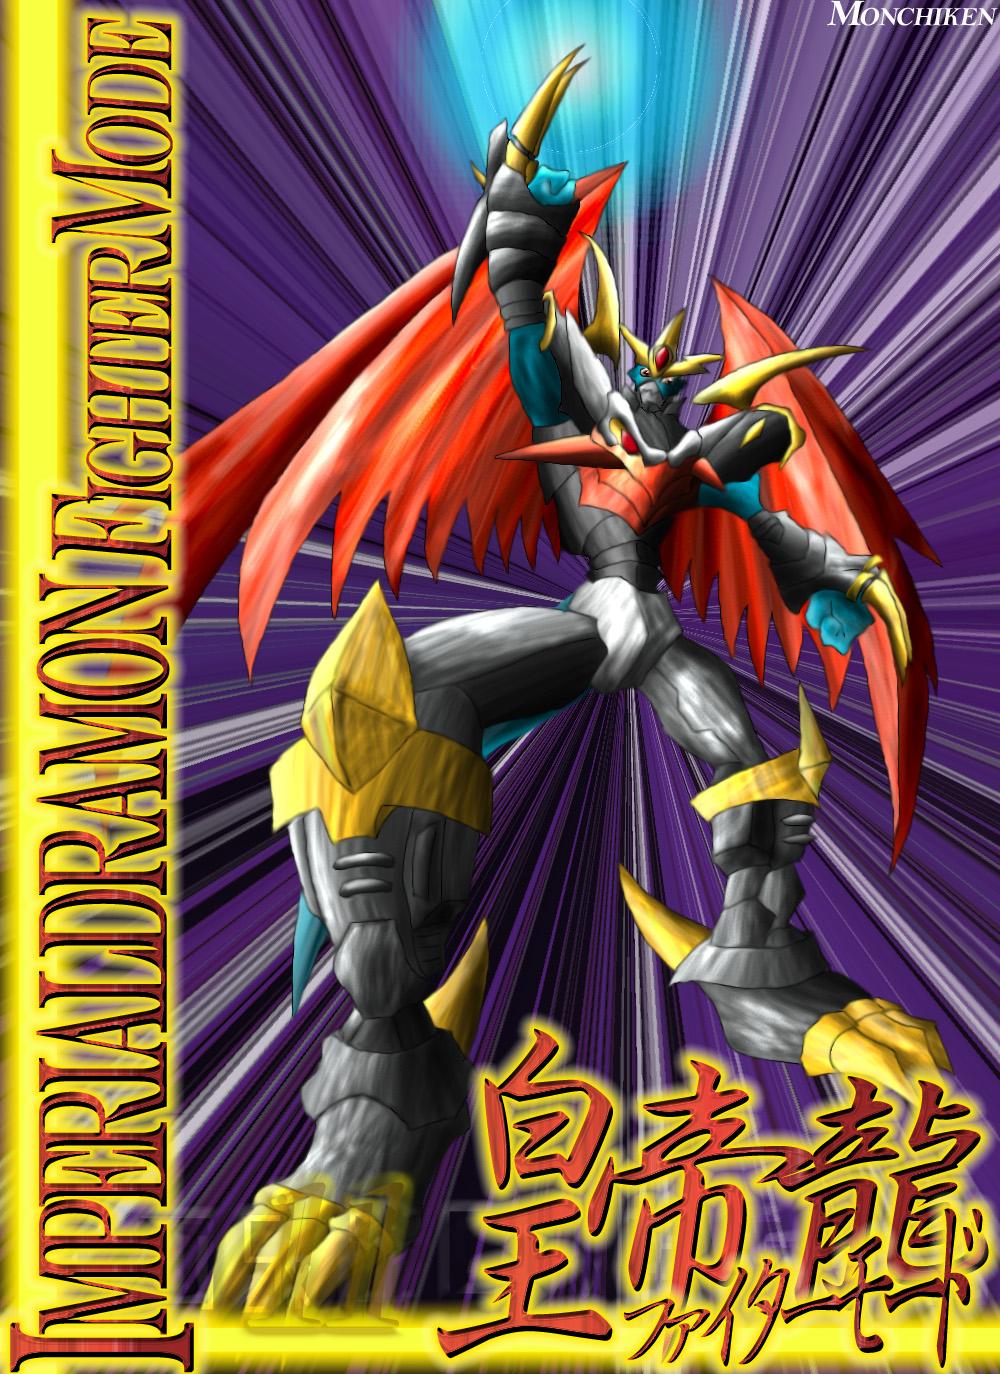 11c Imperialdramon-FighterMode by monchiken on deviantART